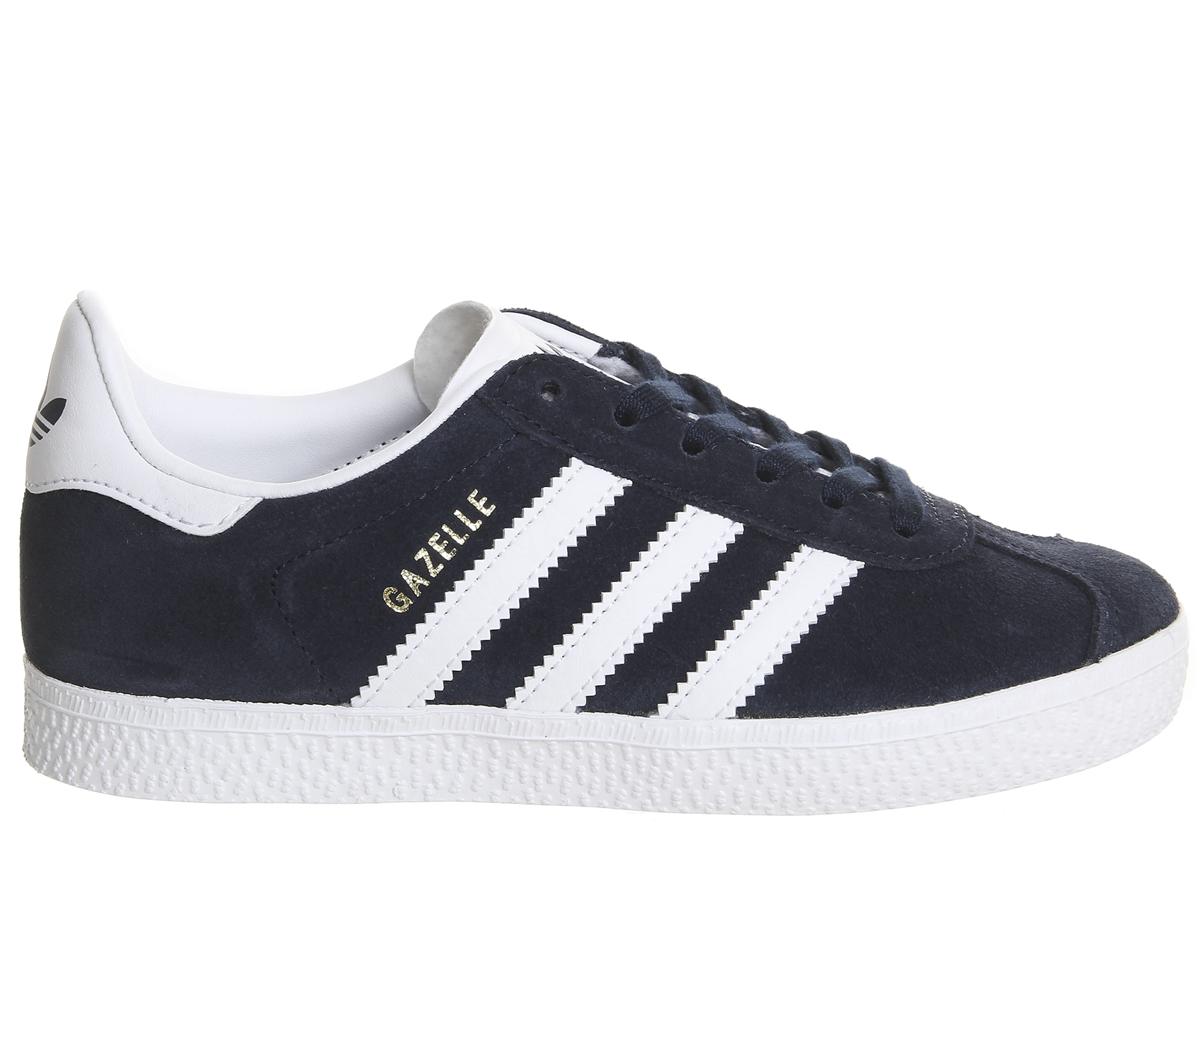 adidas gazelle 2 white